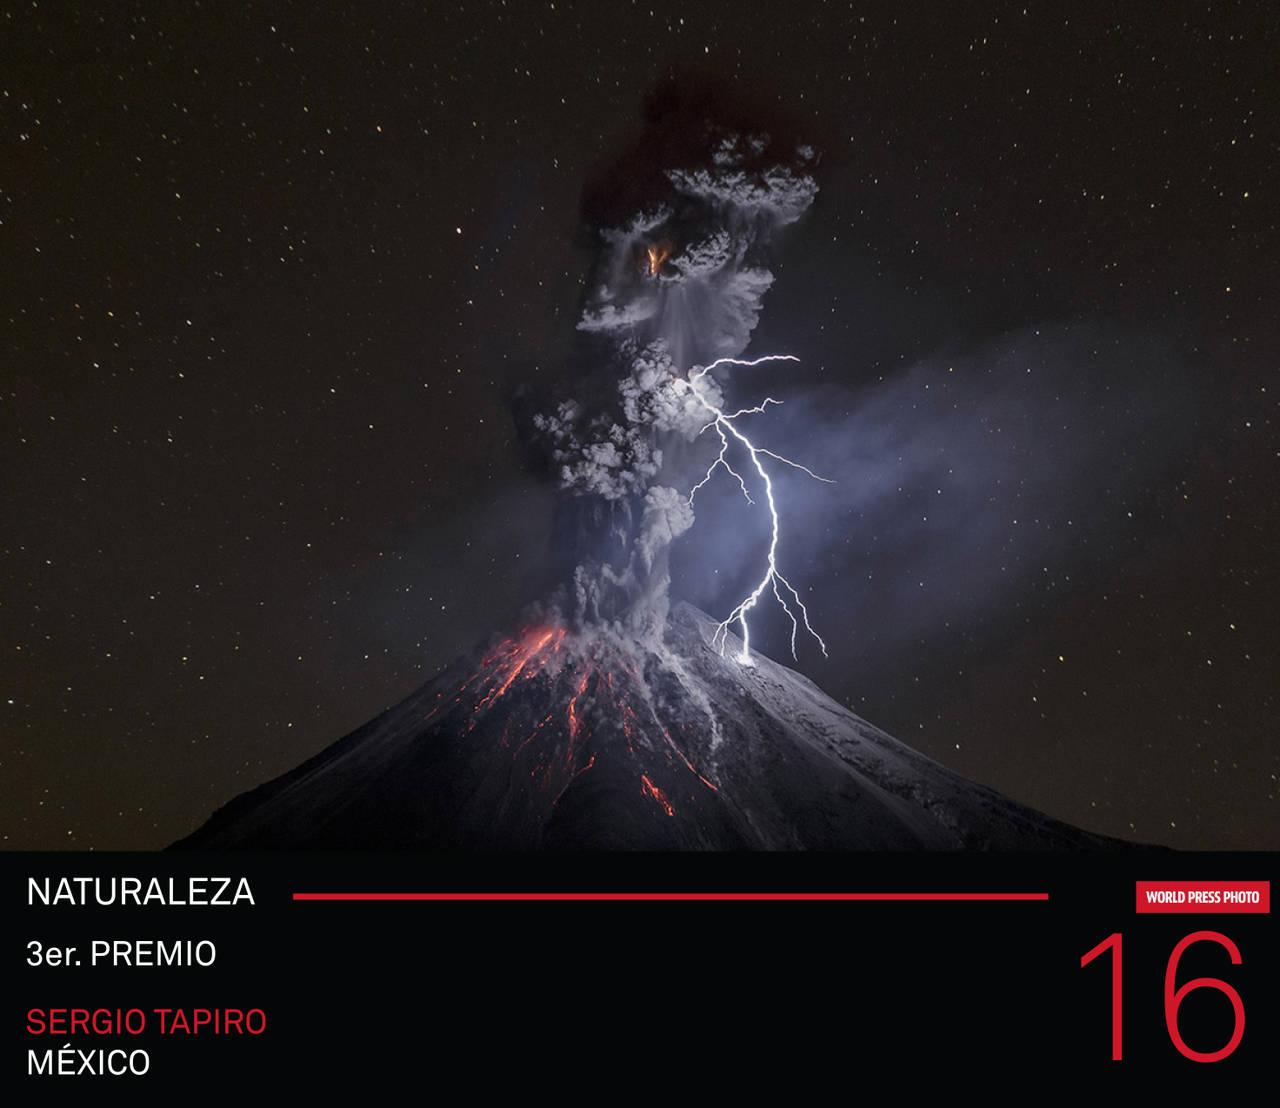 World Press Photo 16 Tercer Premio en la Categoría Naturaleza : Photo © Sergio Tapiro de México